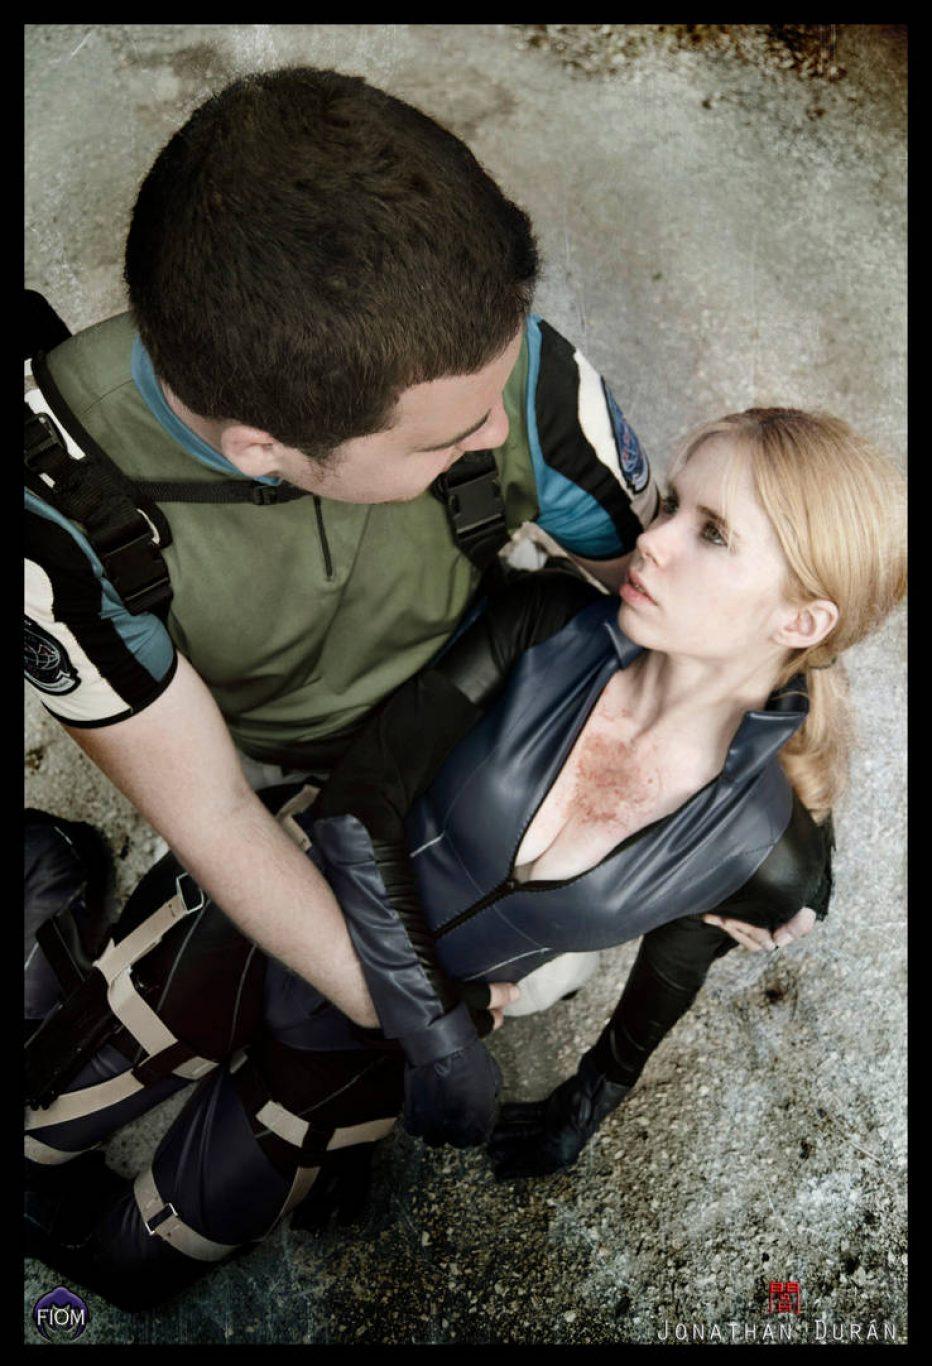 Resident-Evil-5-Jill-Valentine-Cosplay-Gamers-Heroes-2.jpg